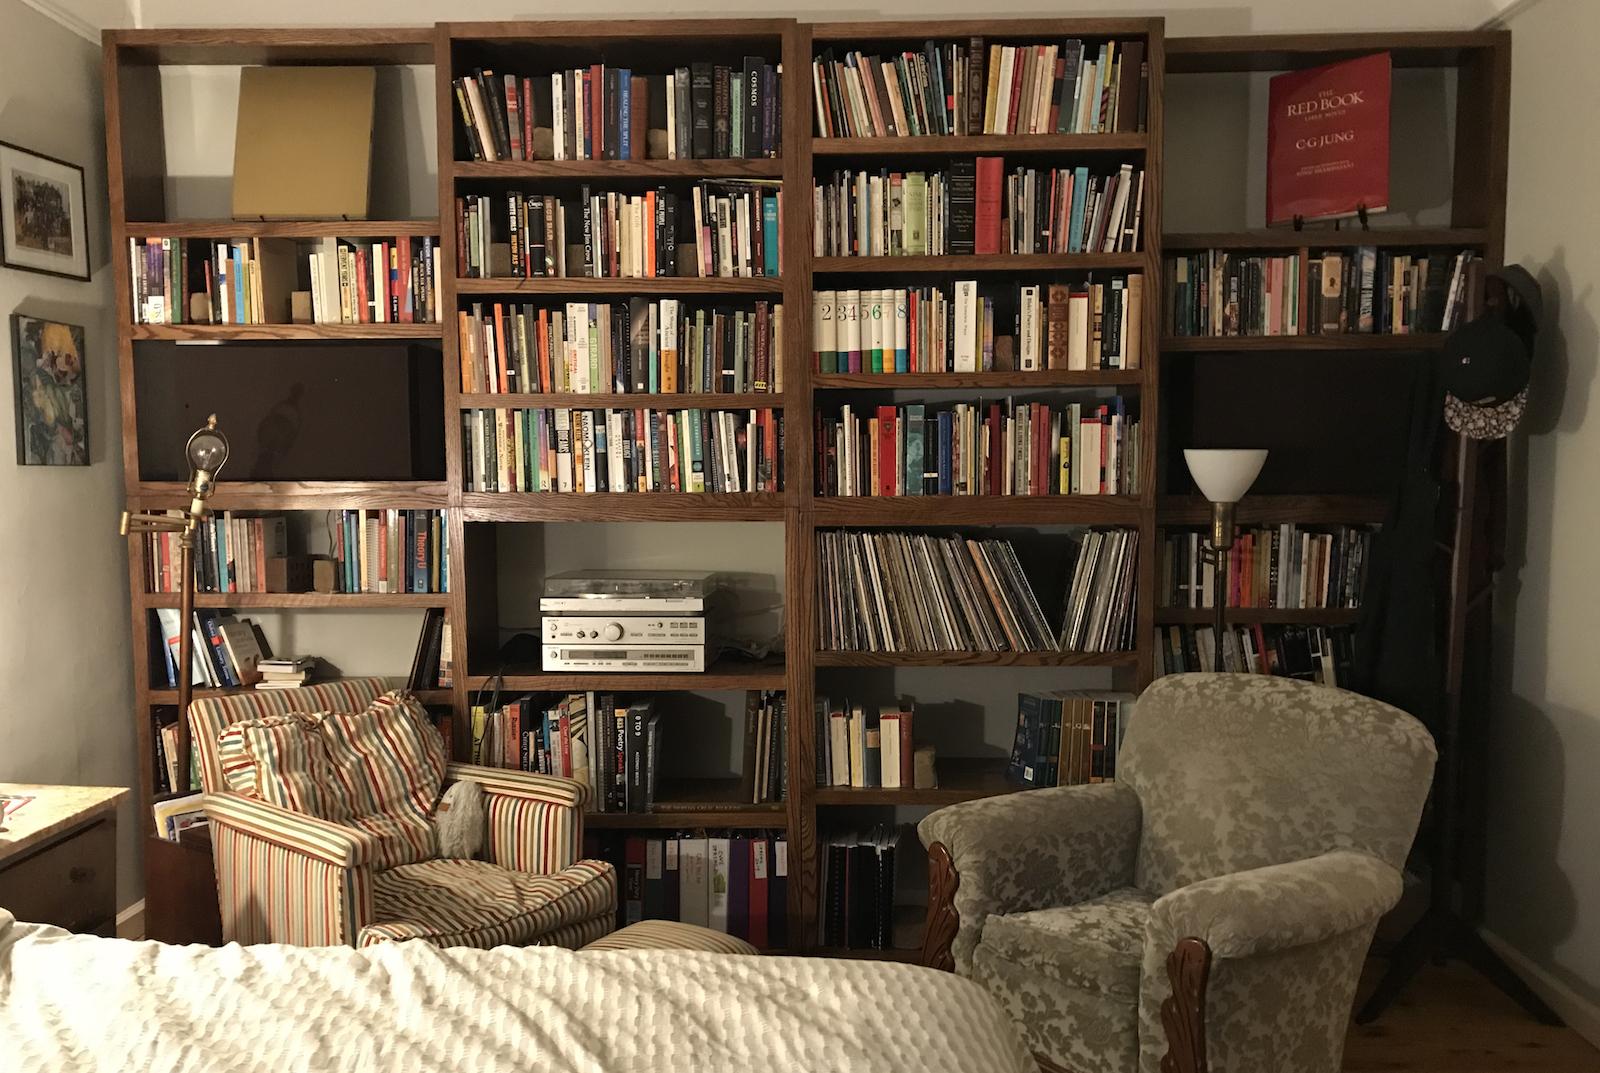 Library shelves, Brooklyn, NY